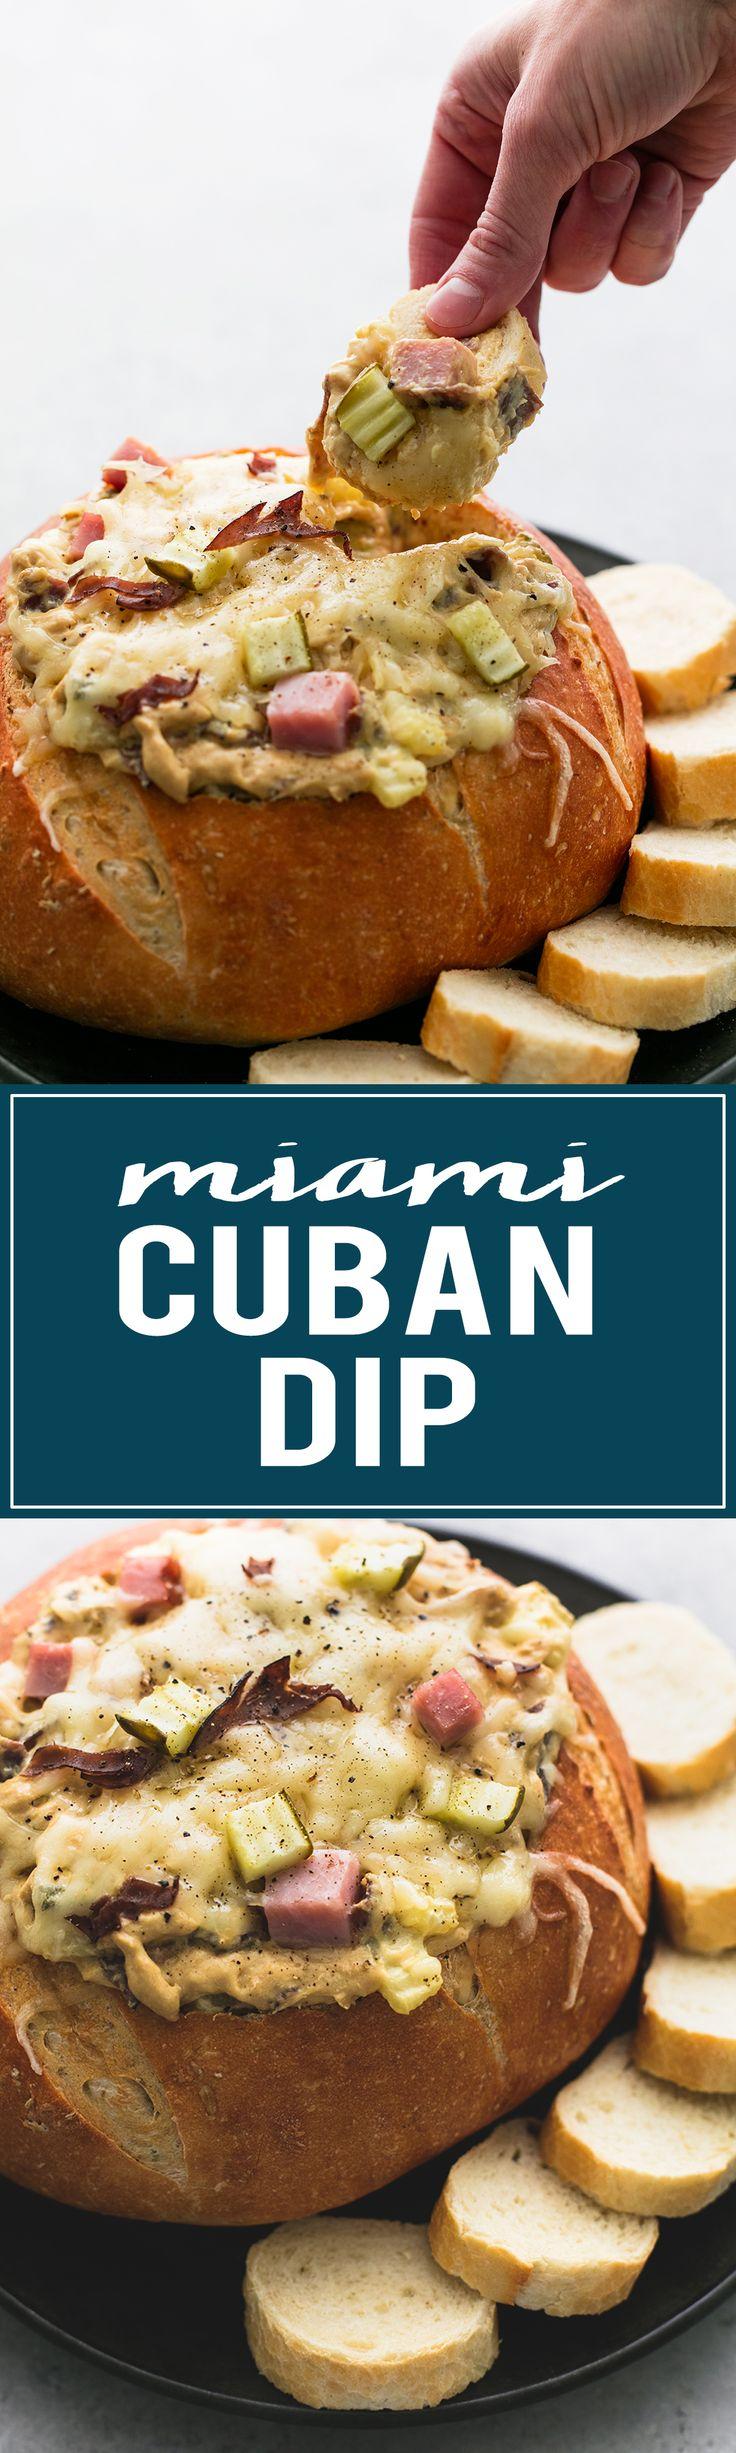 die besten 25 kubanische sandwich rezepte ideen auf pinterest paninis panini rezepte und paninis. Black Bedroom Furniture Sets. Home Design Ideas